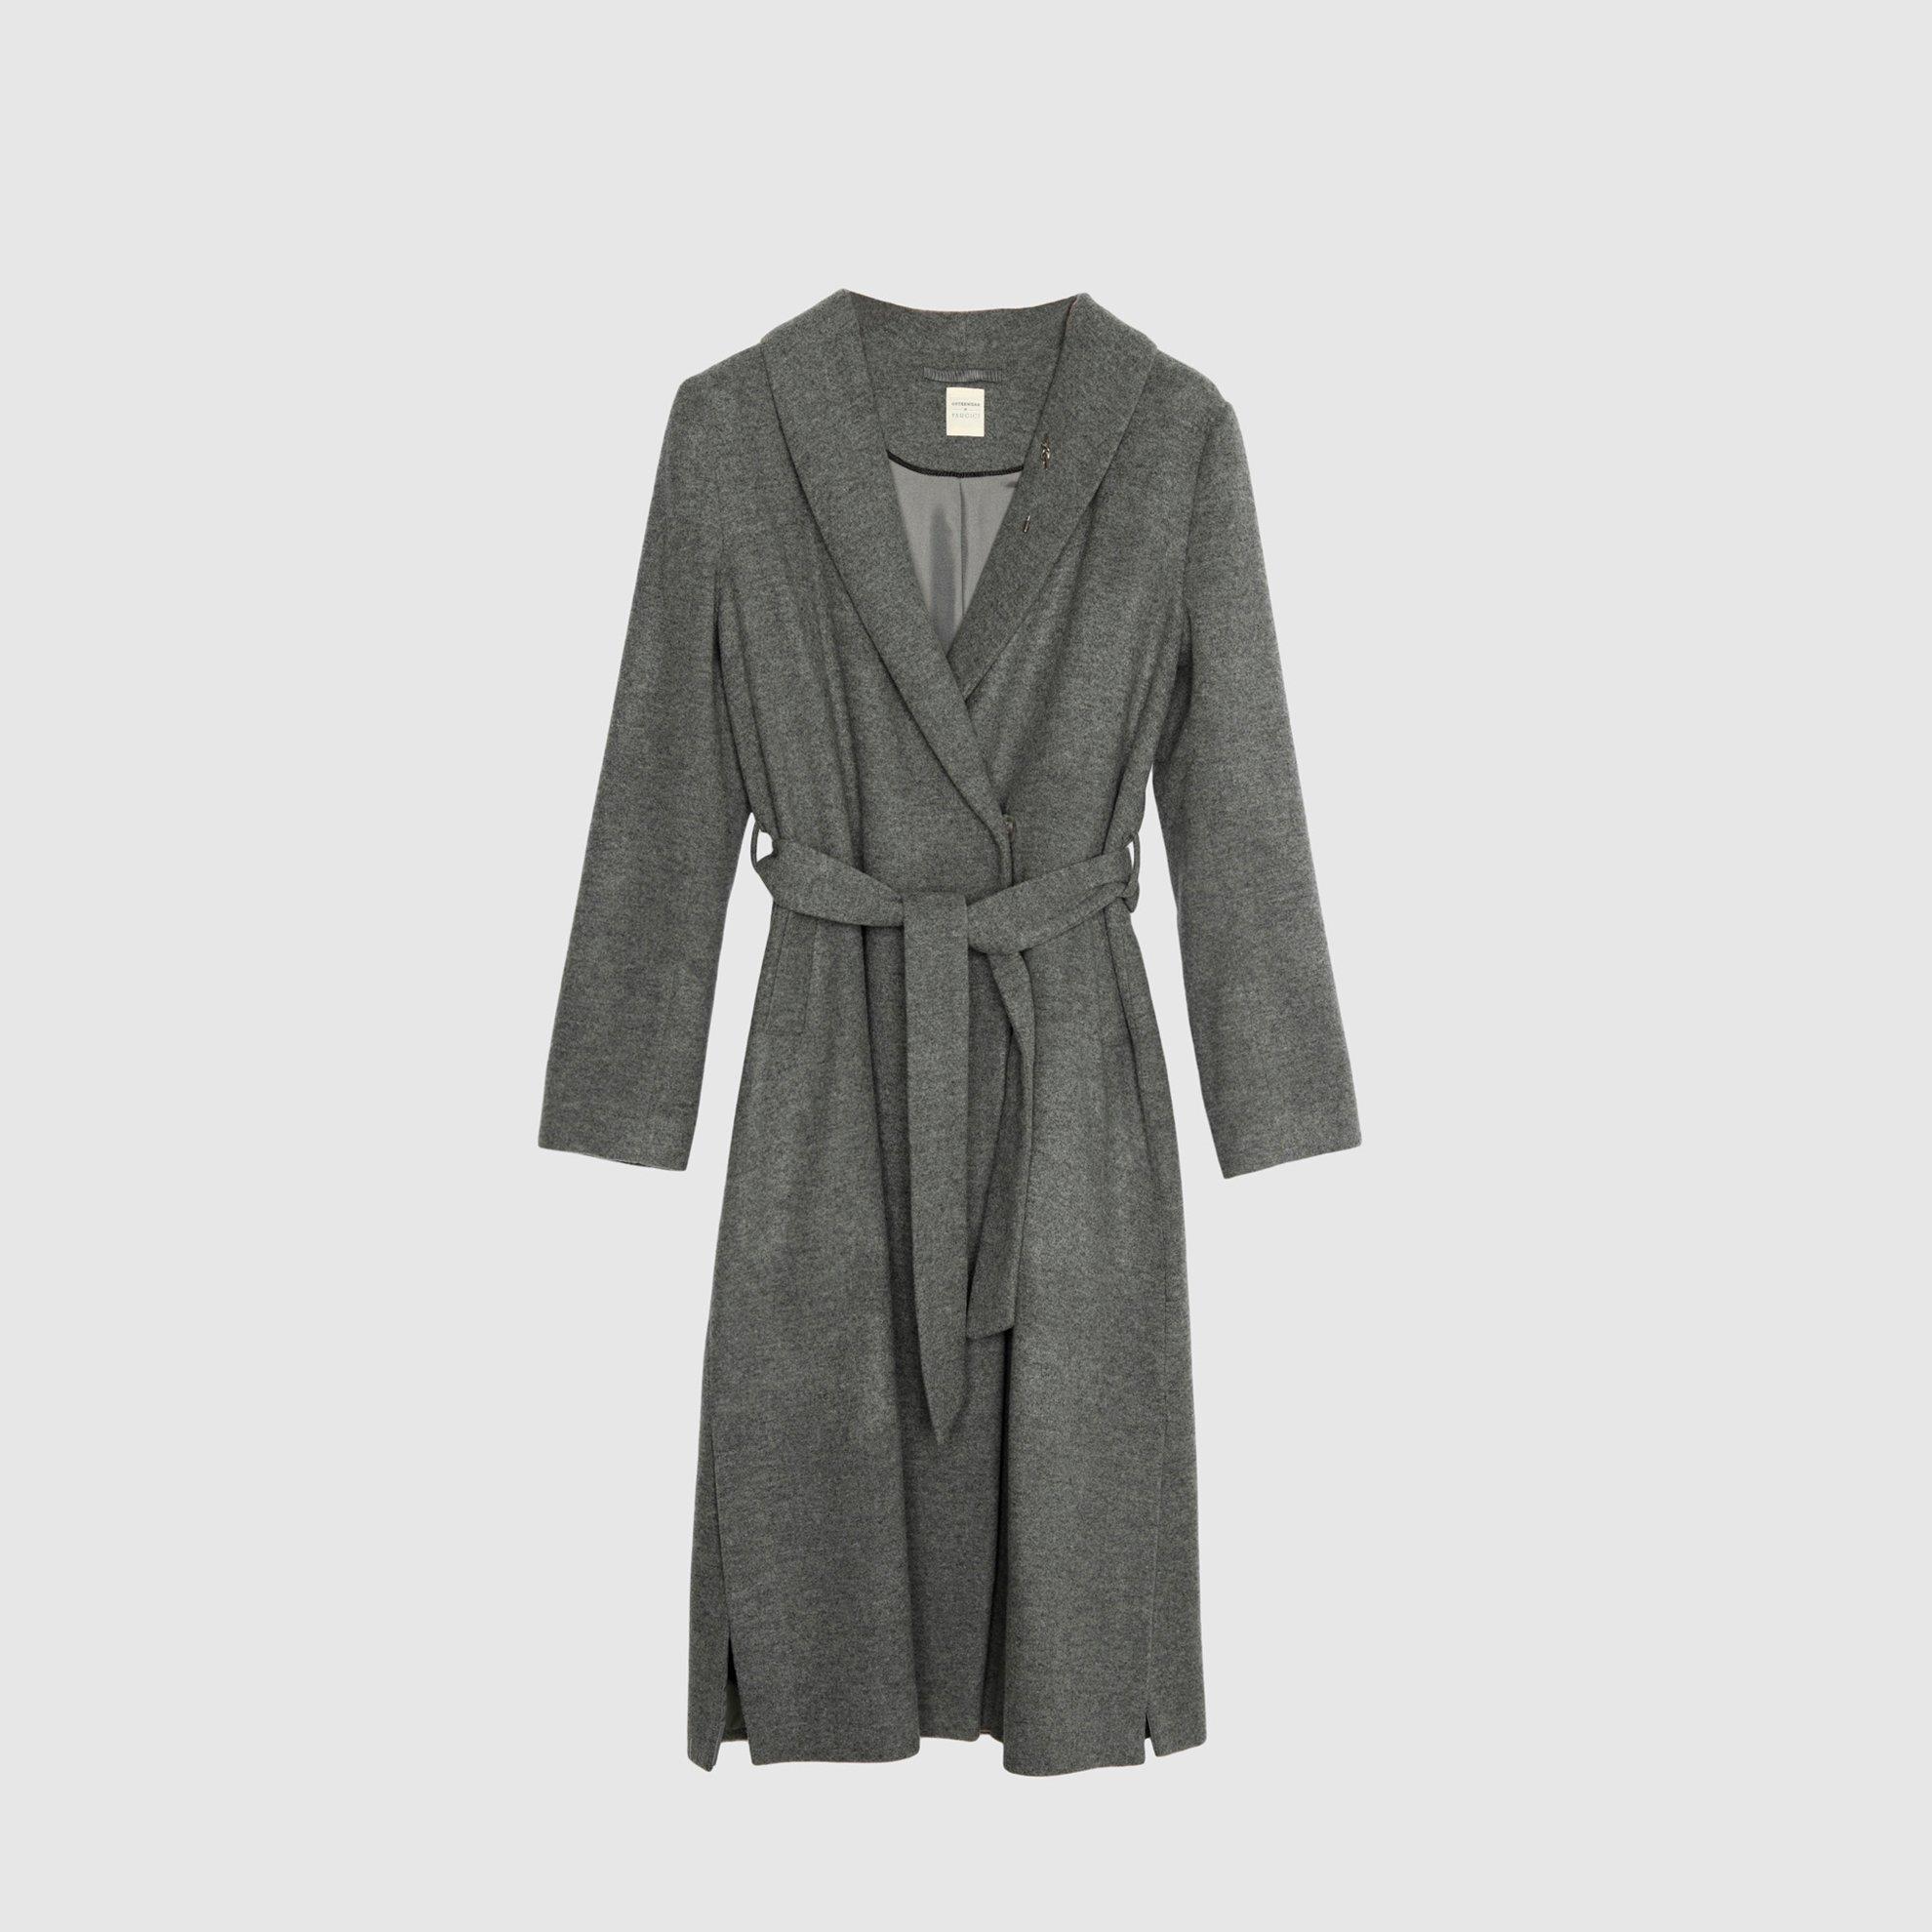 resm Uzun Yırtmaç Detaylı Palto